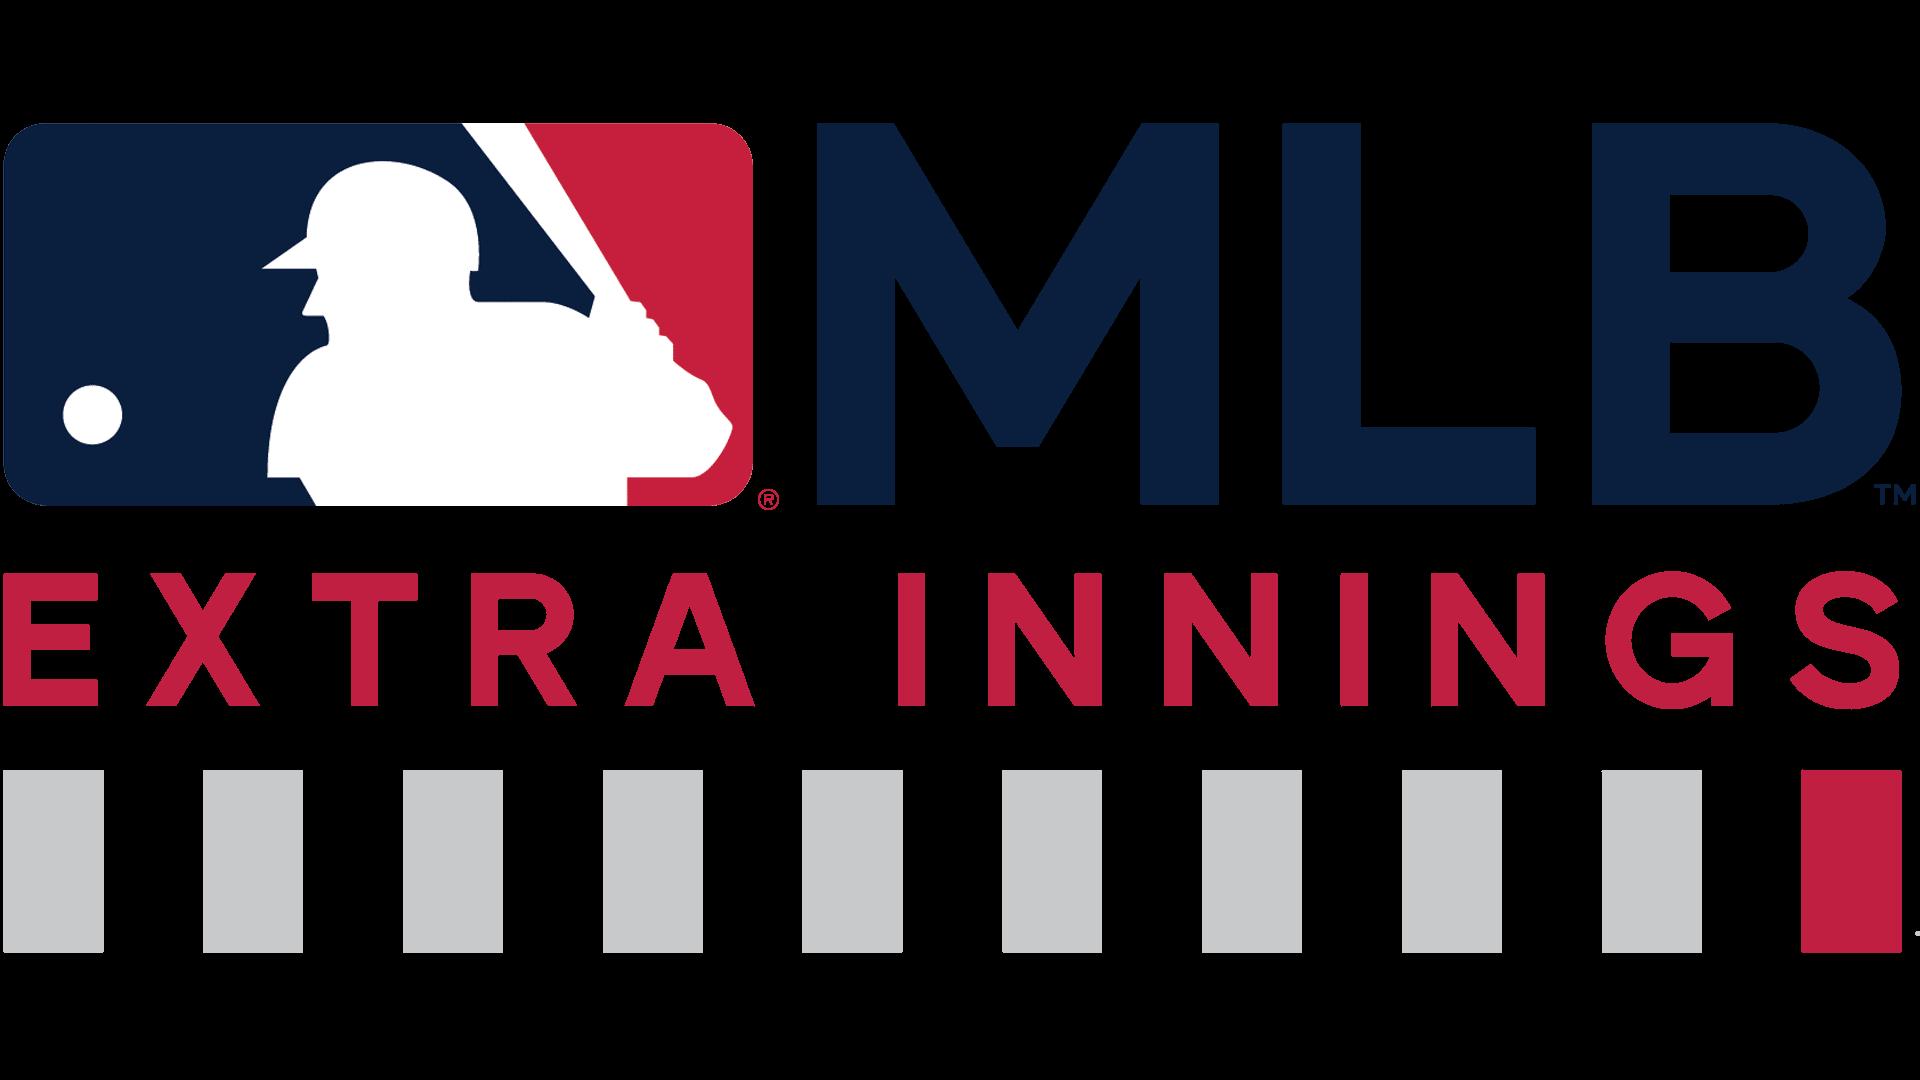 Extra-inning